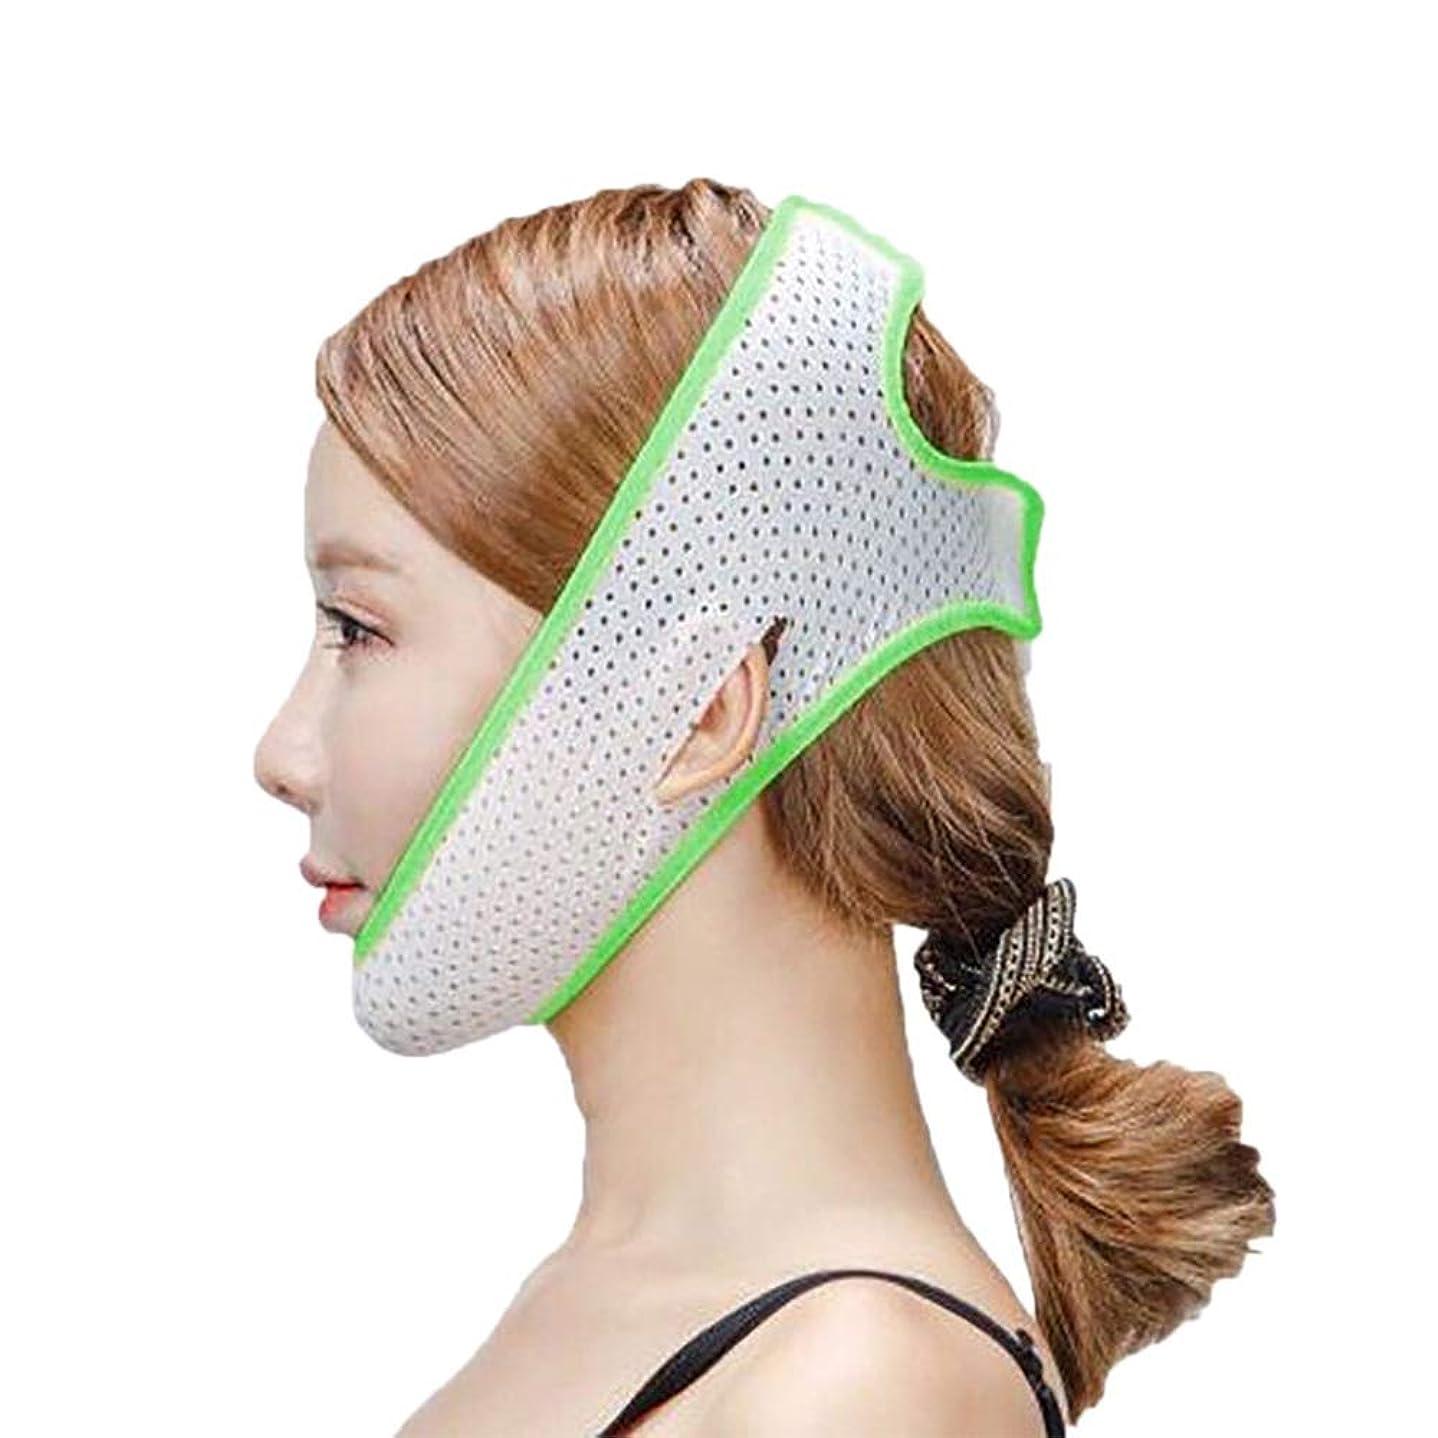 業界フレームワーク恐れXHLMRMJ フェイスリフトマスク、ダブルチンストラップ、フェイシャル減量マスク、フェイシャルダブルチンケアスリミングマスク、リンクルマスク(フリーサイズ) (Color : Green)